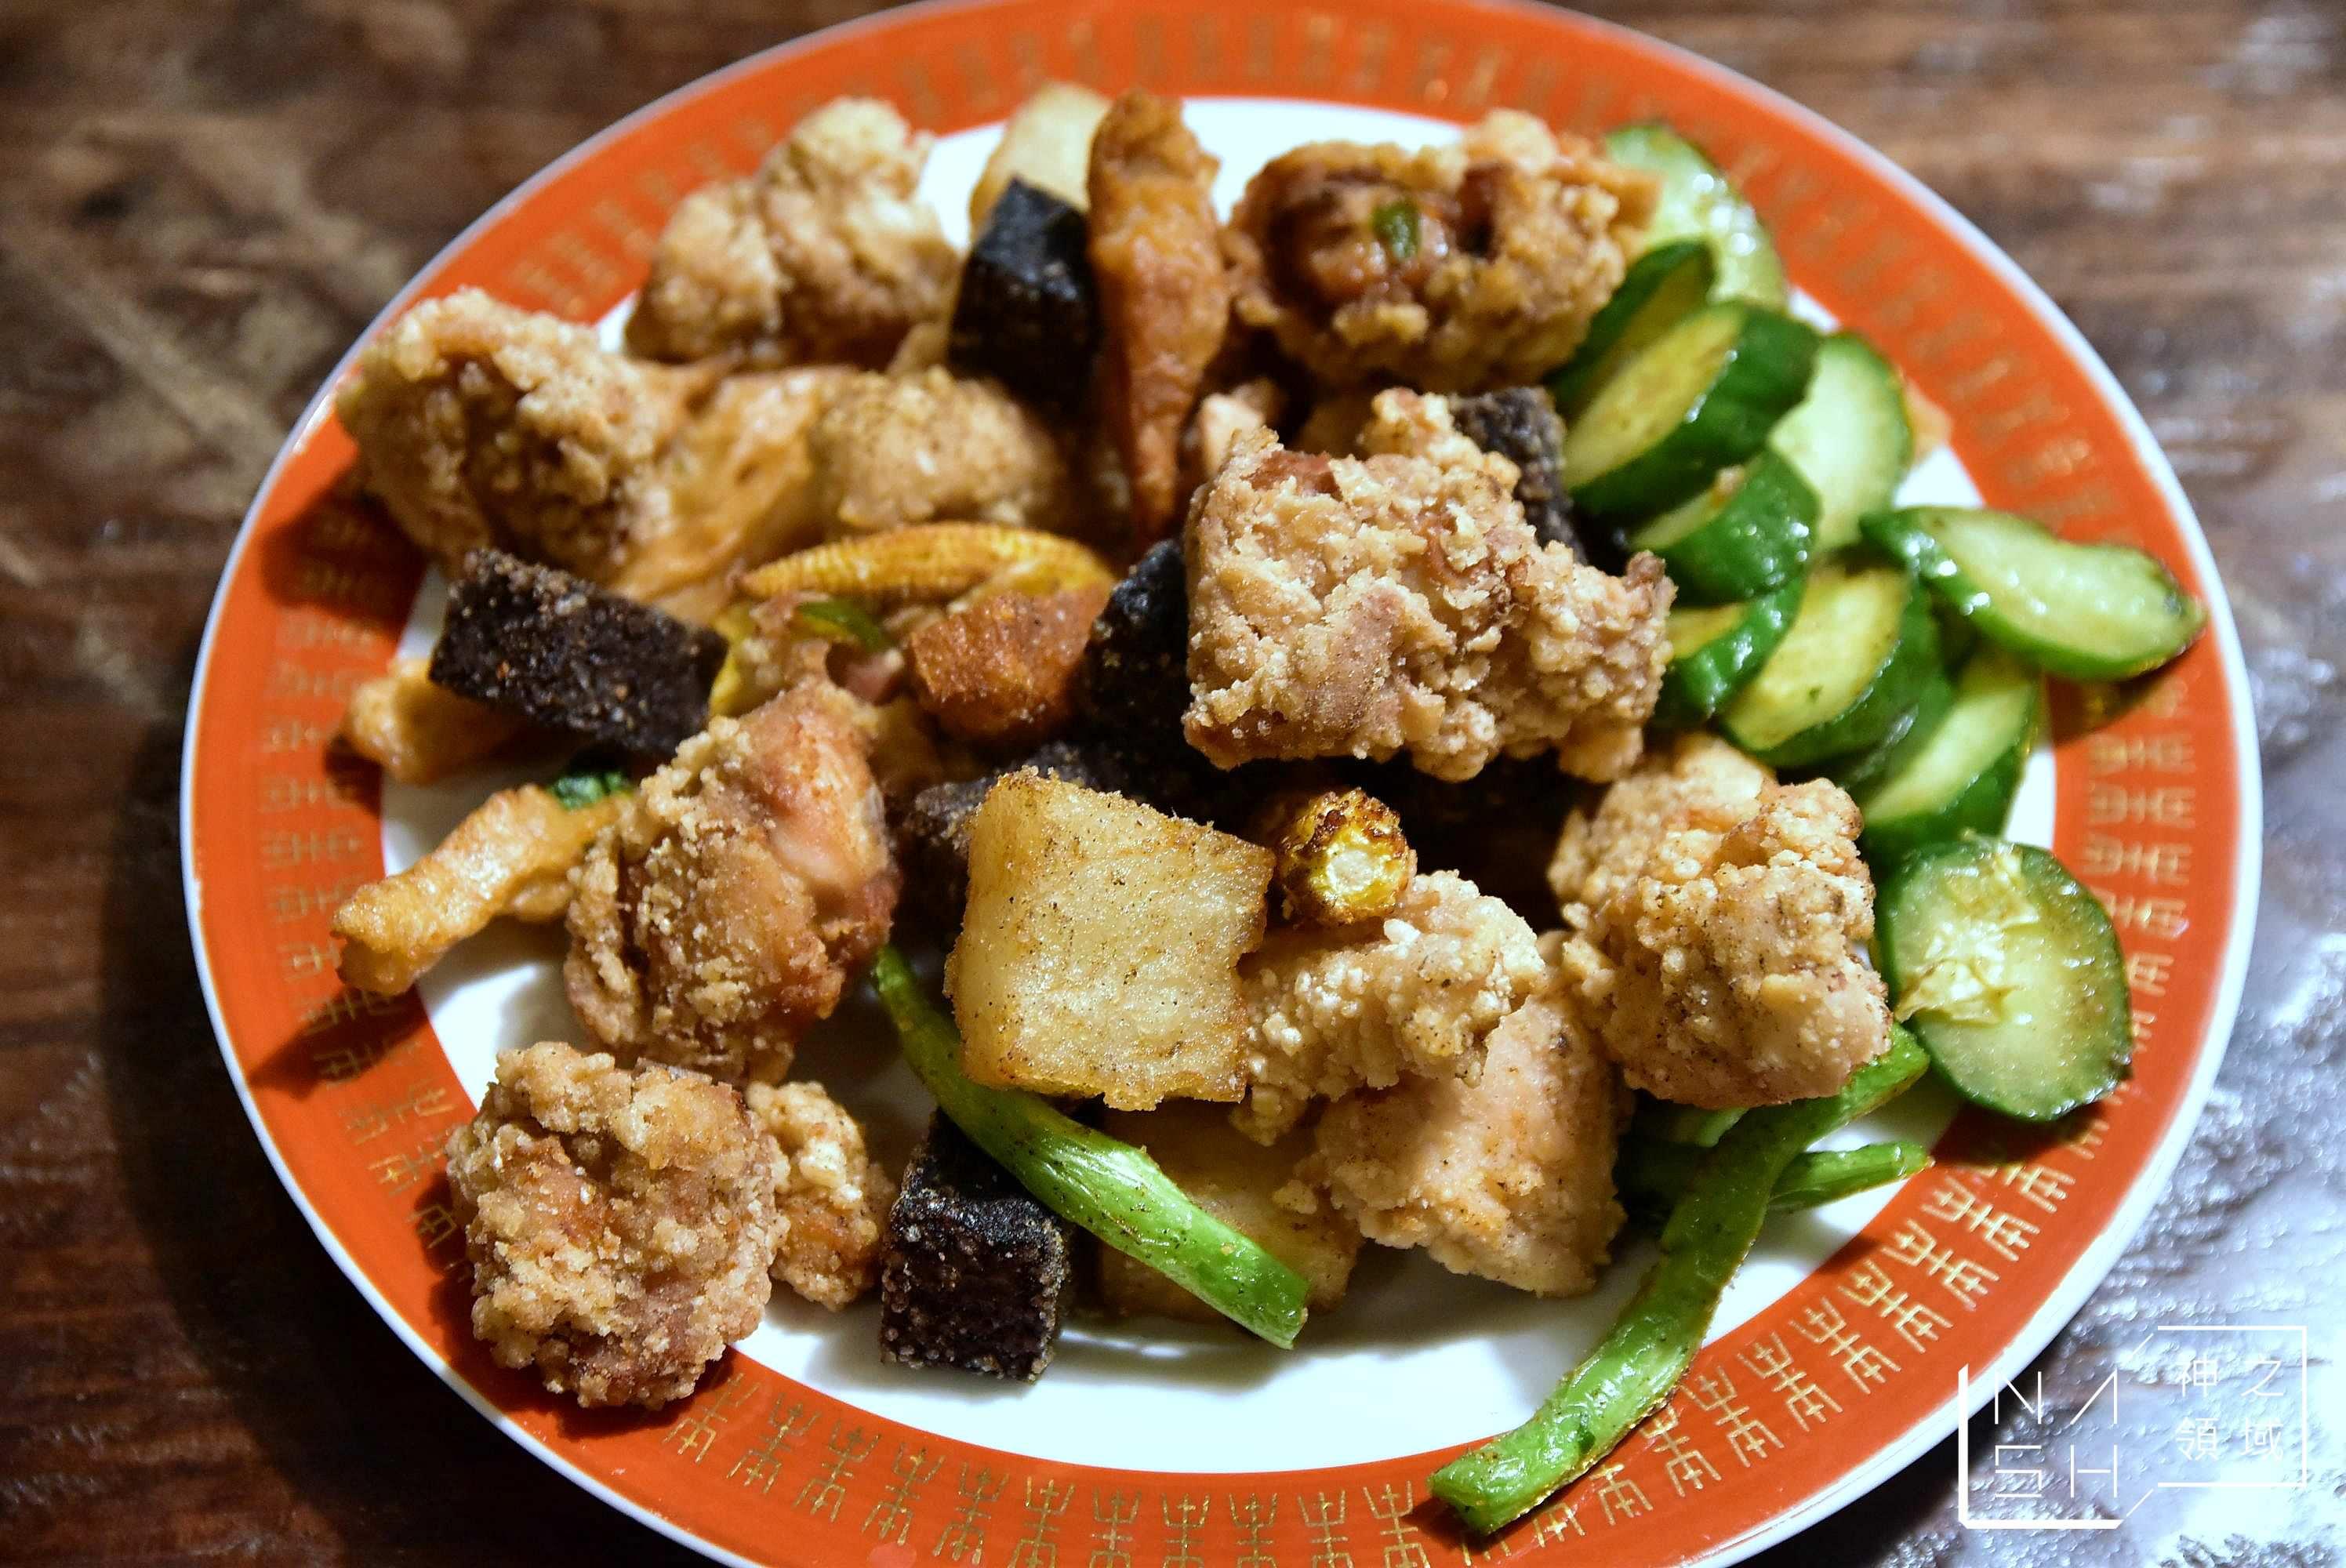 ㄅㄨ ㄅㄨ 鹹酥雞,台南鹹酥雞 @Nash,神之領域